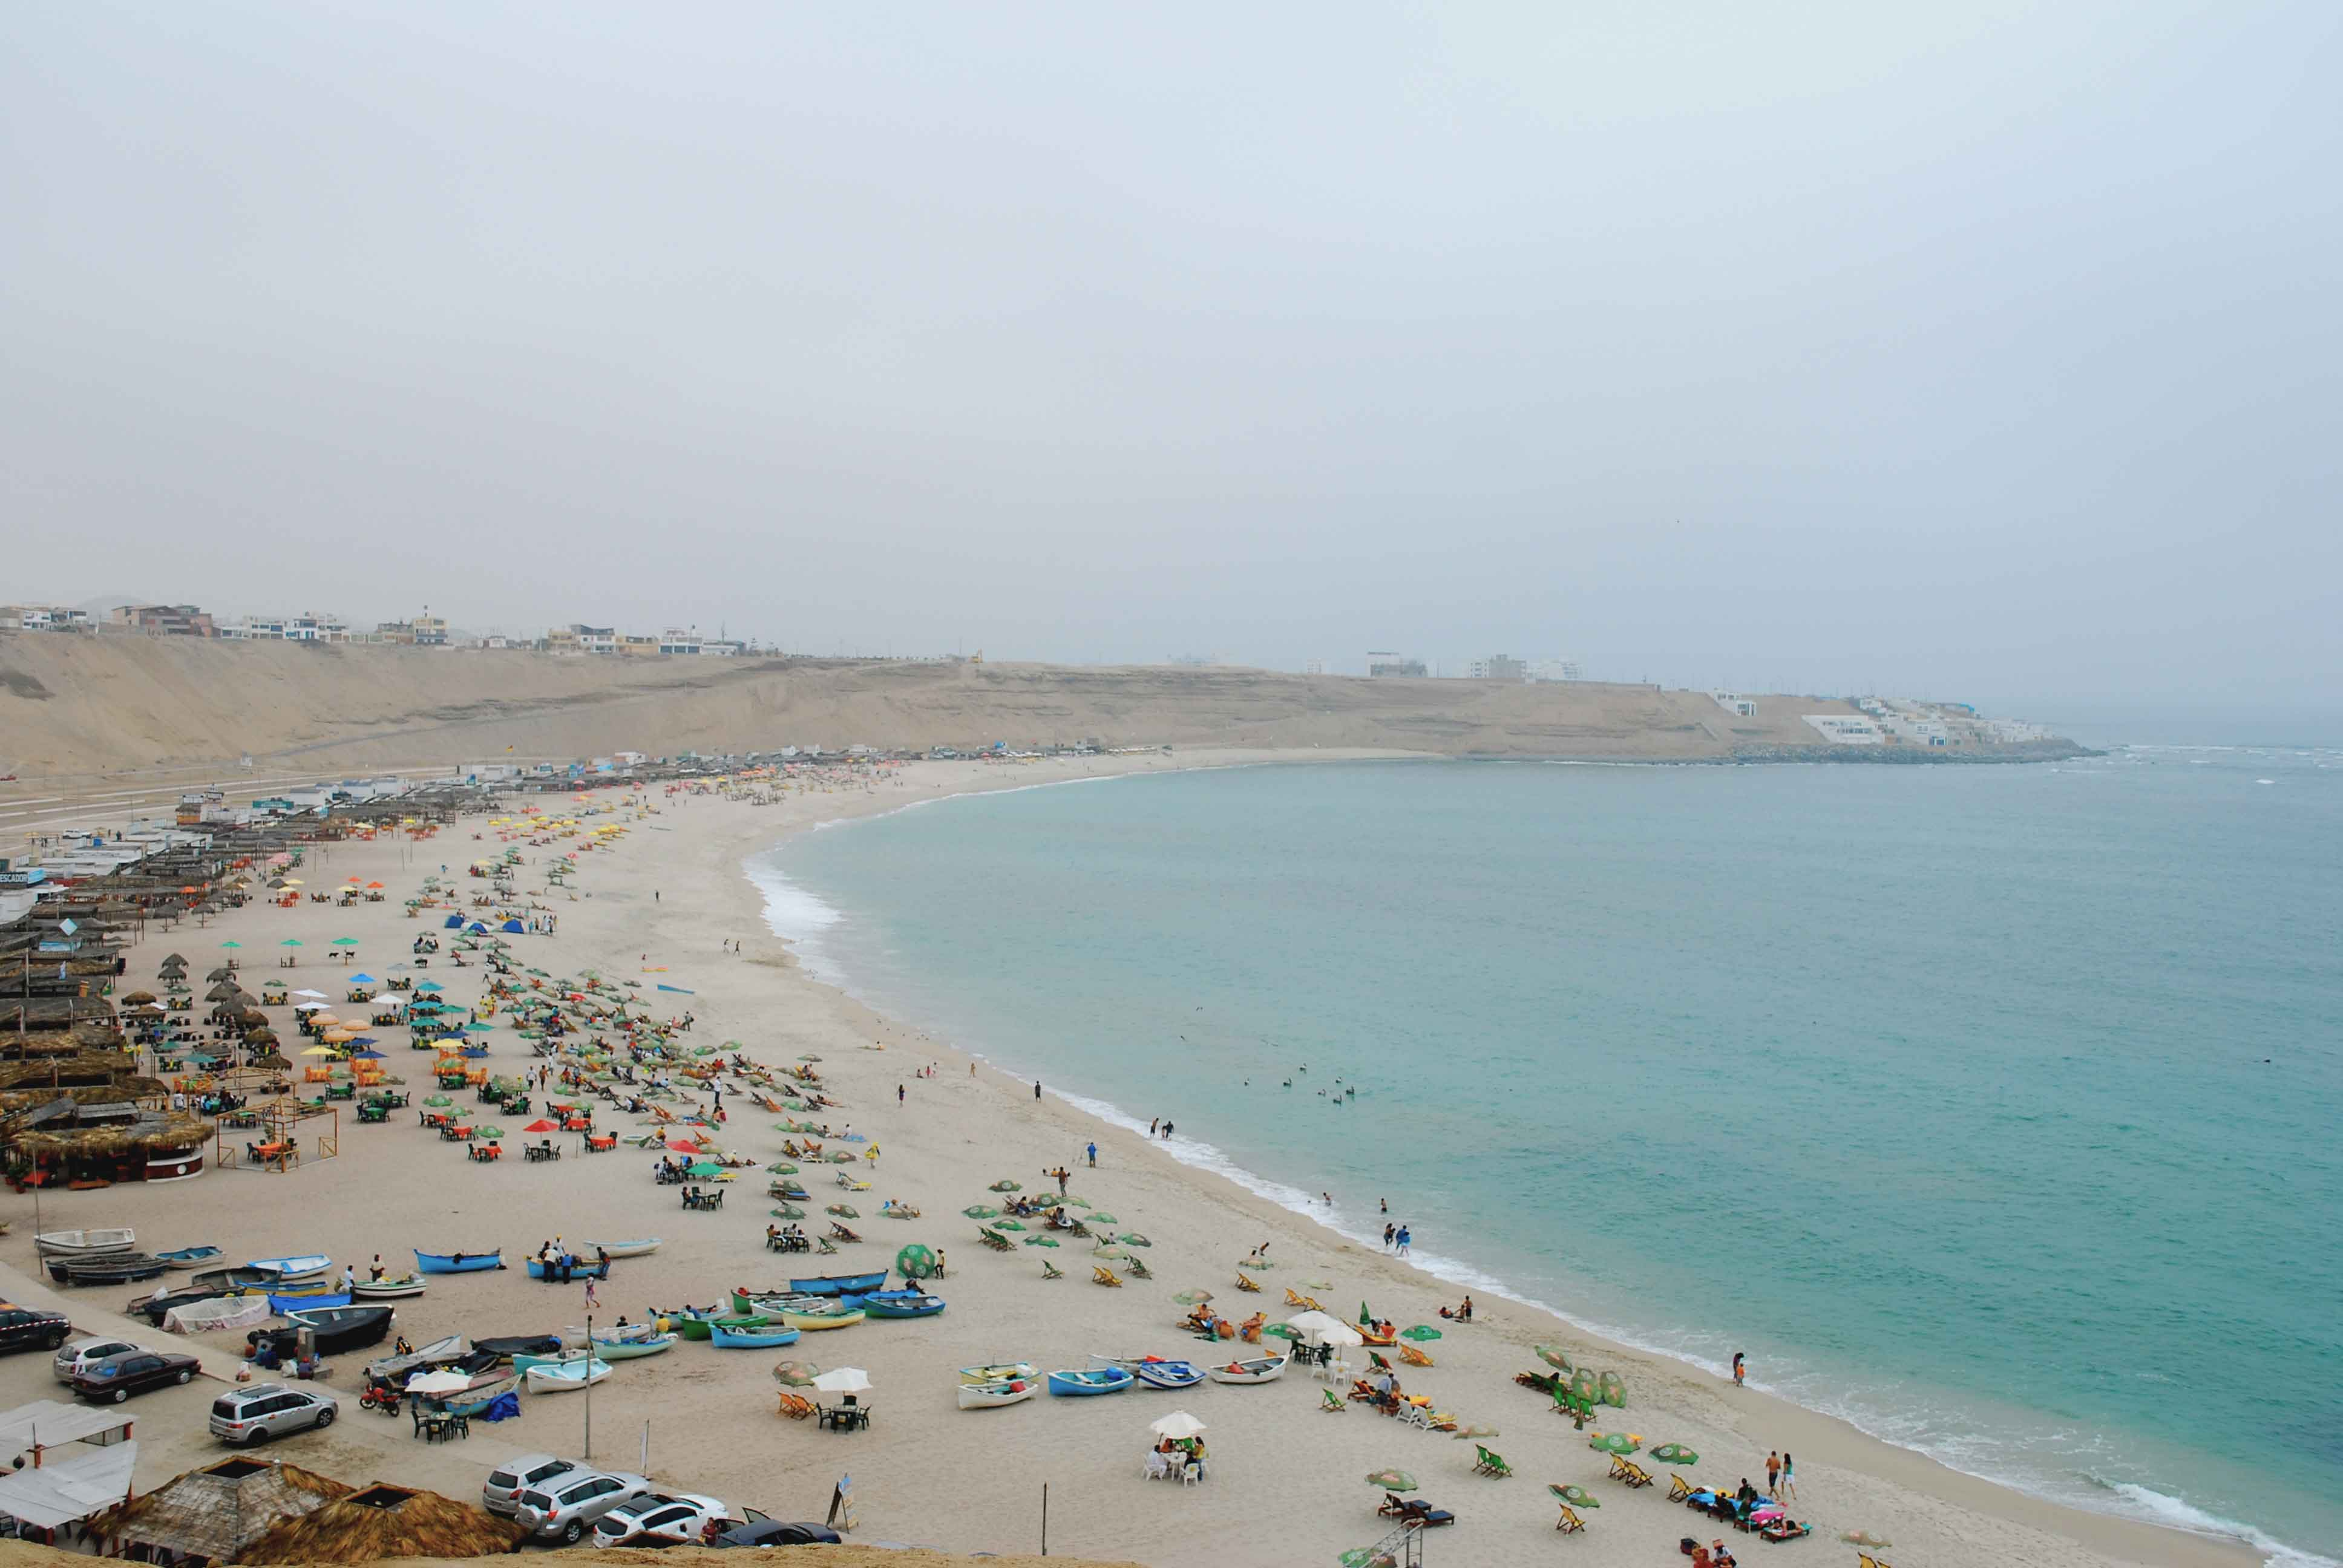 Playa El Silencio